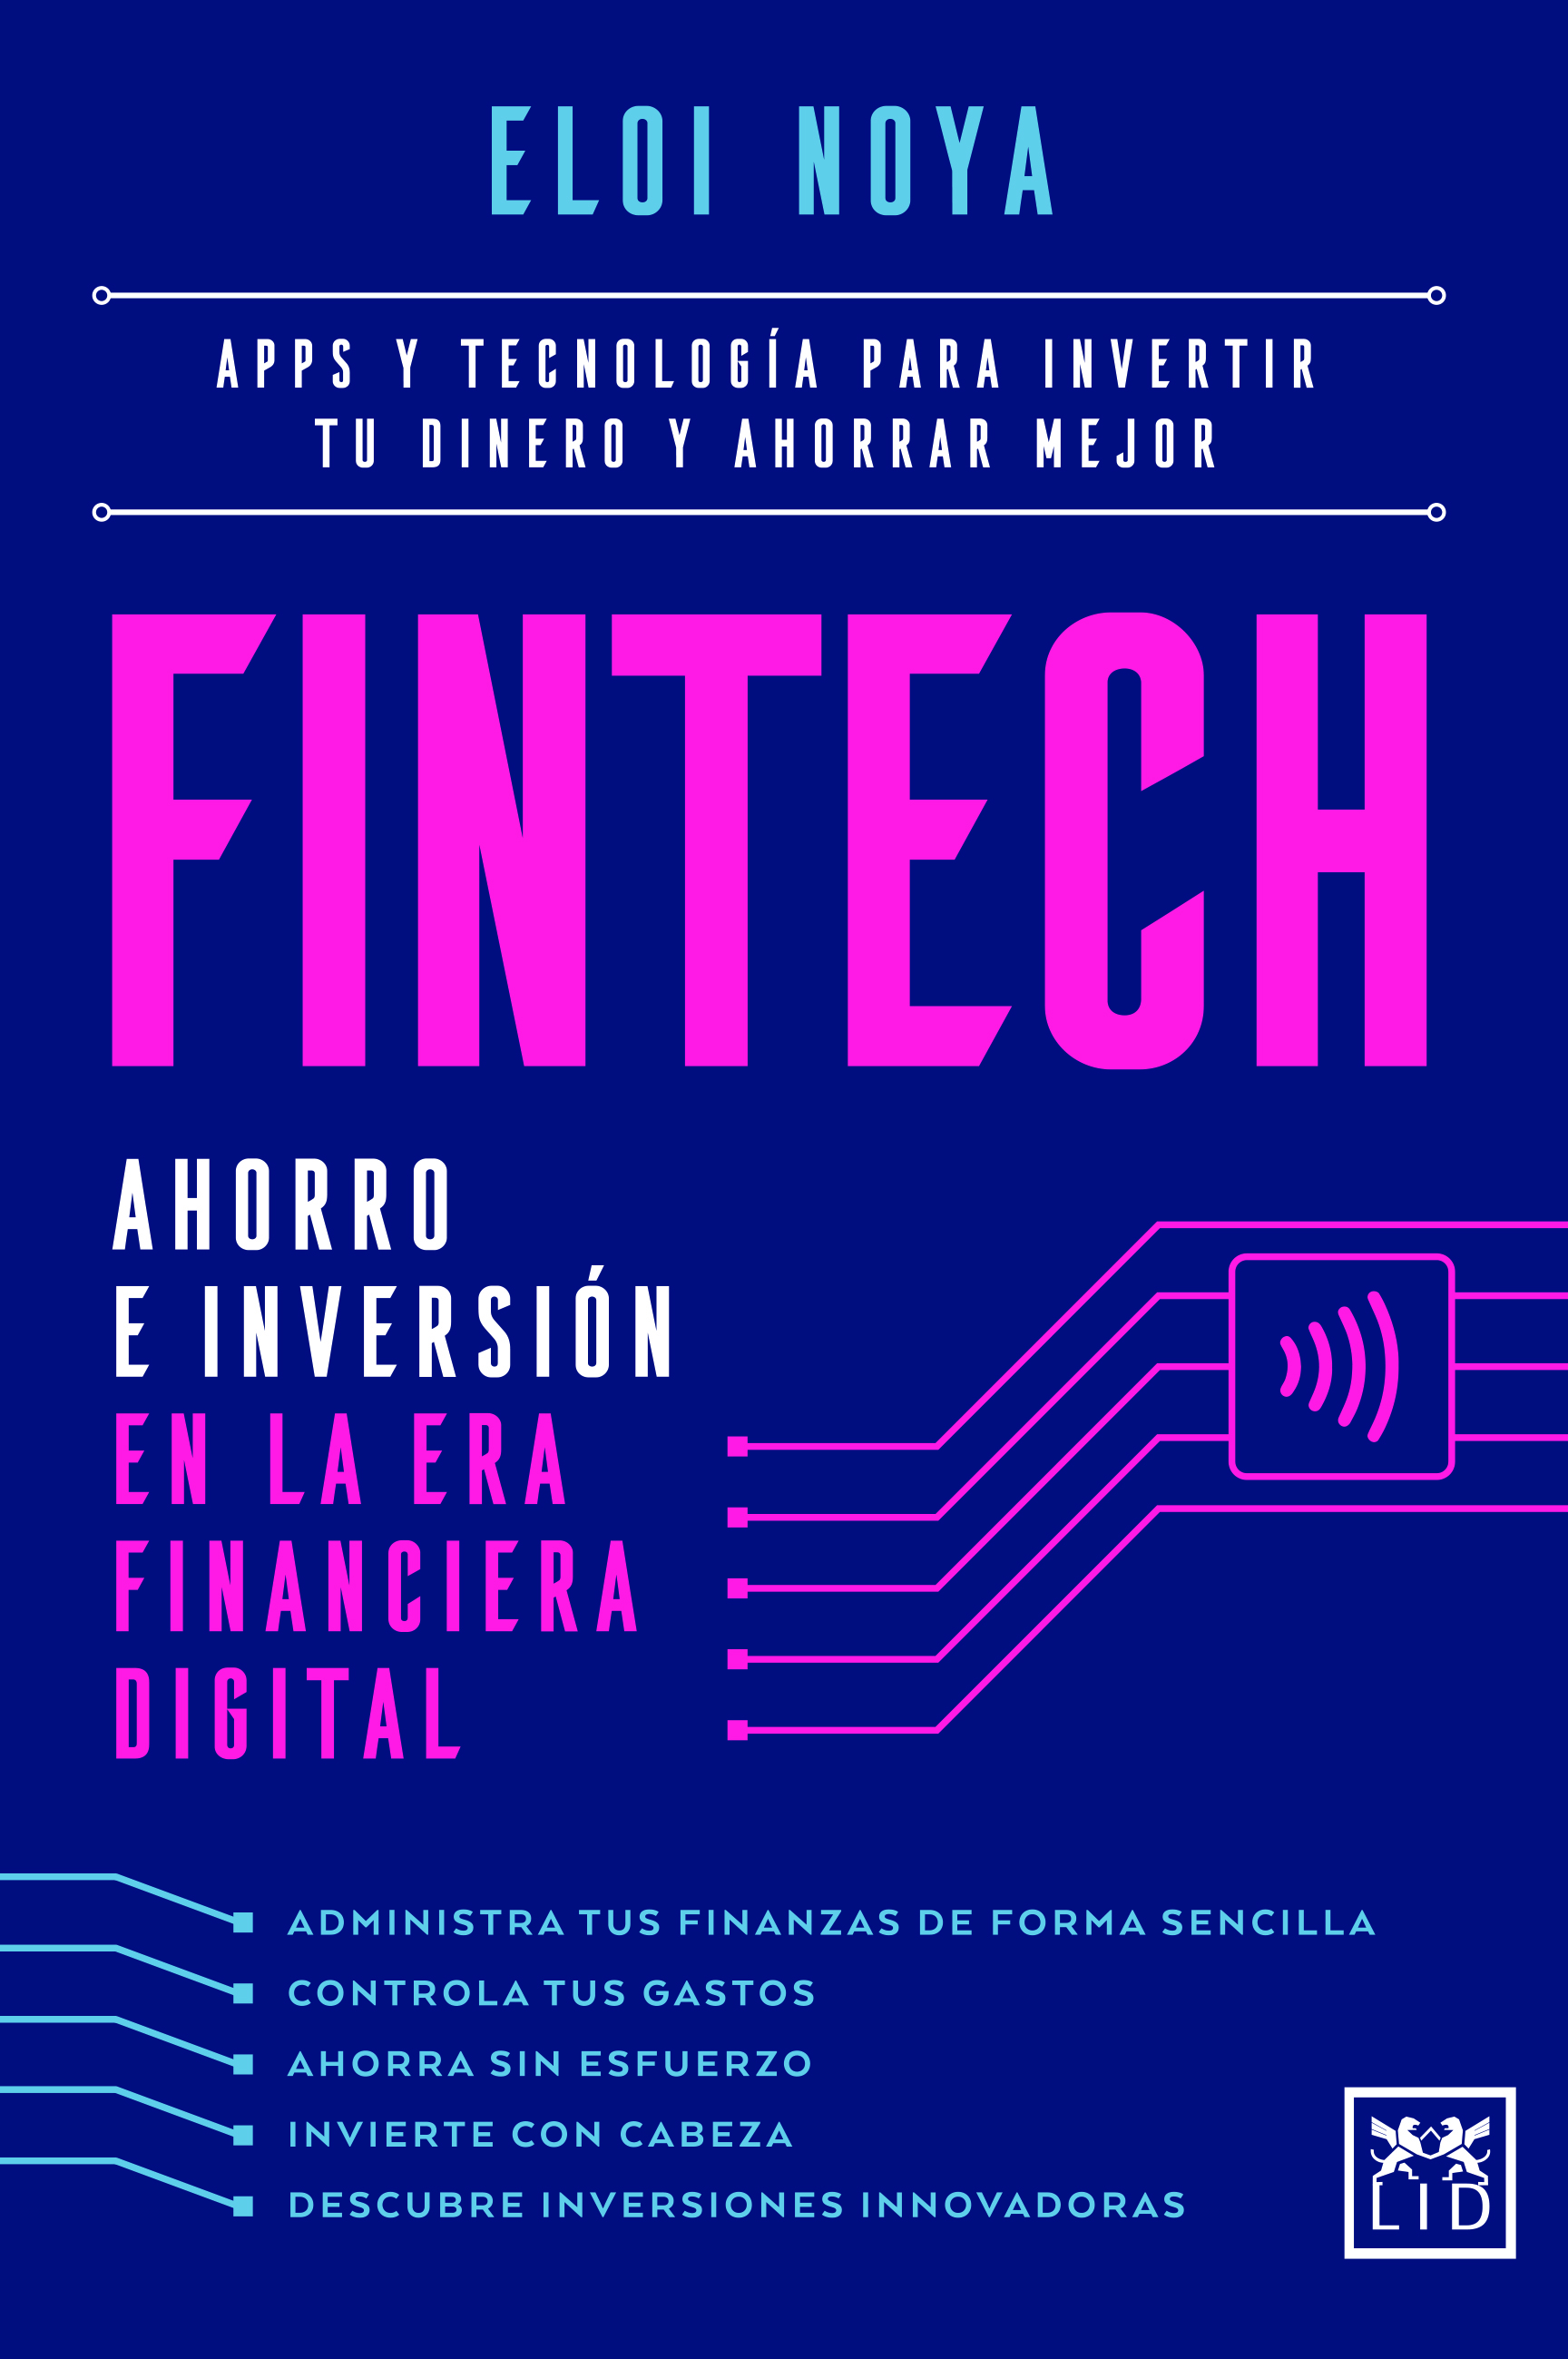 Fintech